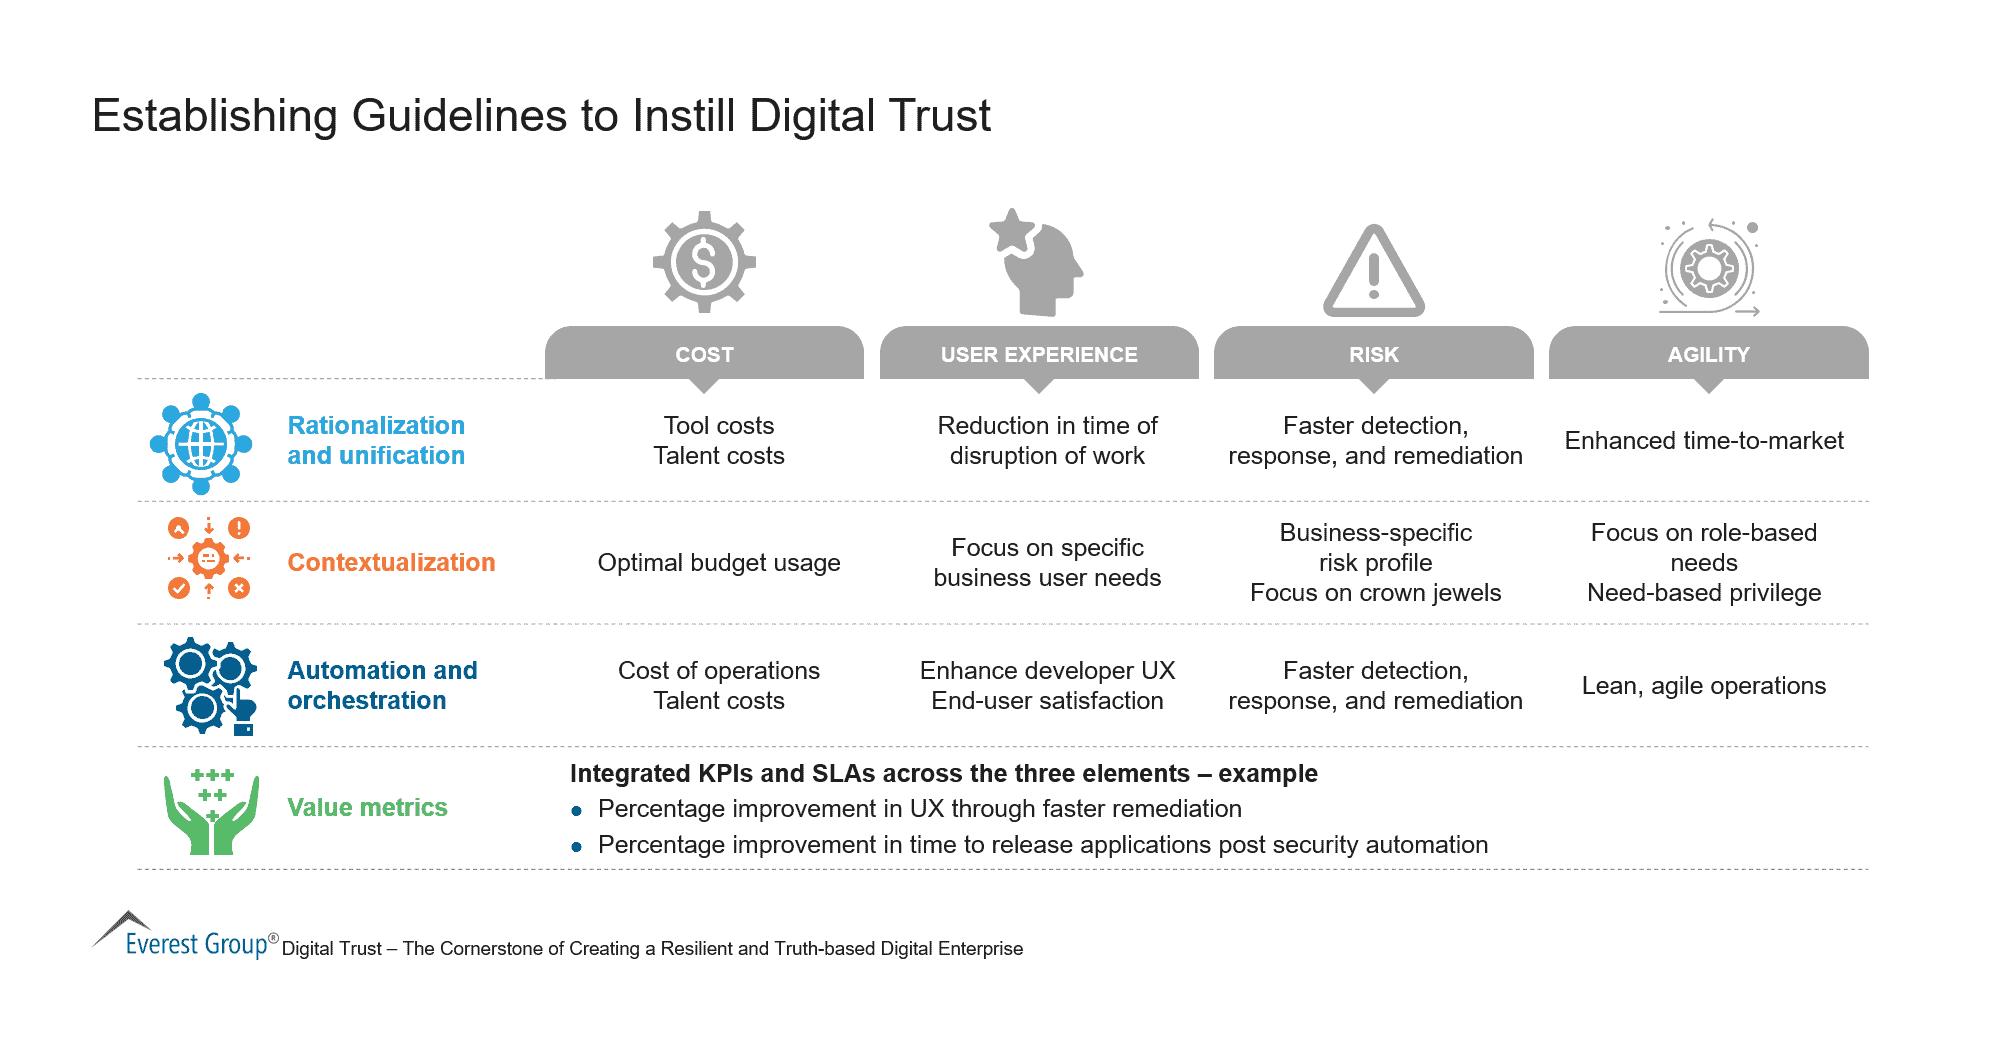 Establishing Guidelines to Instill Digital Trust